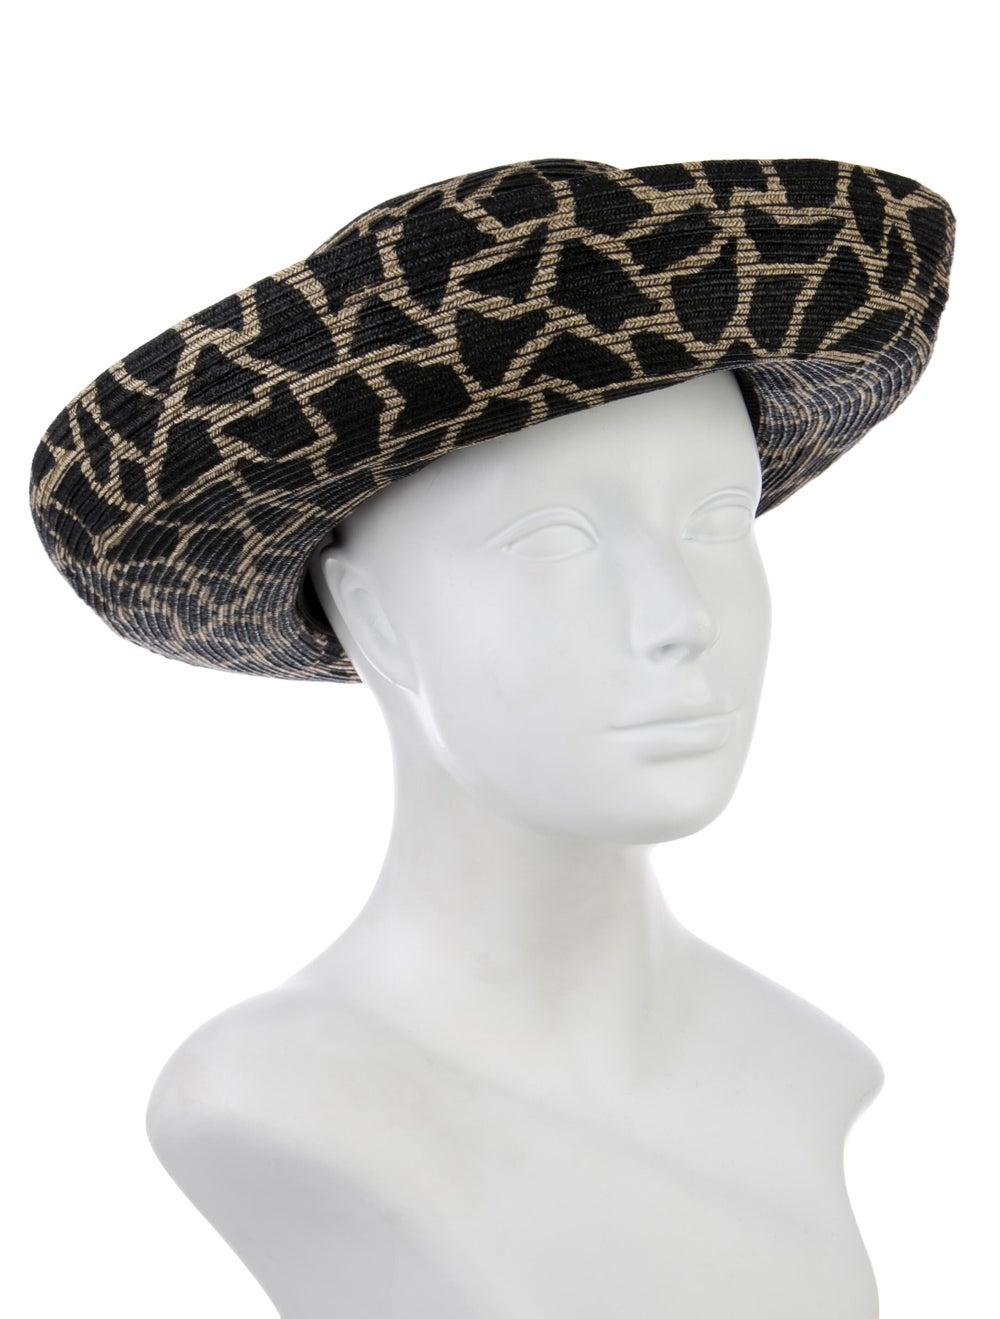 Eric Javits Wide-Brim Straw Hat Tan - image 3